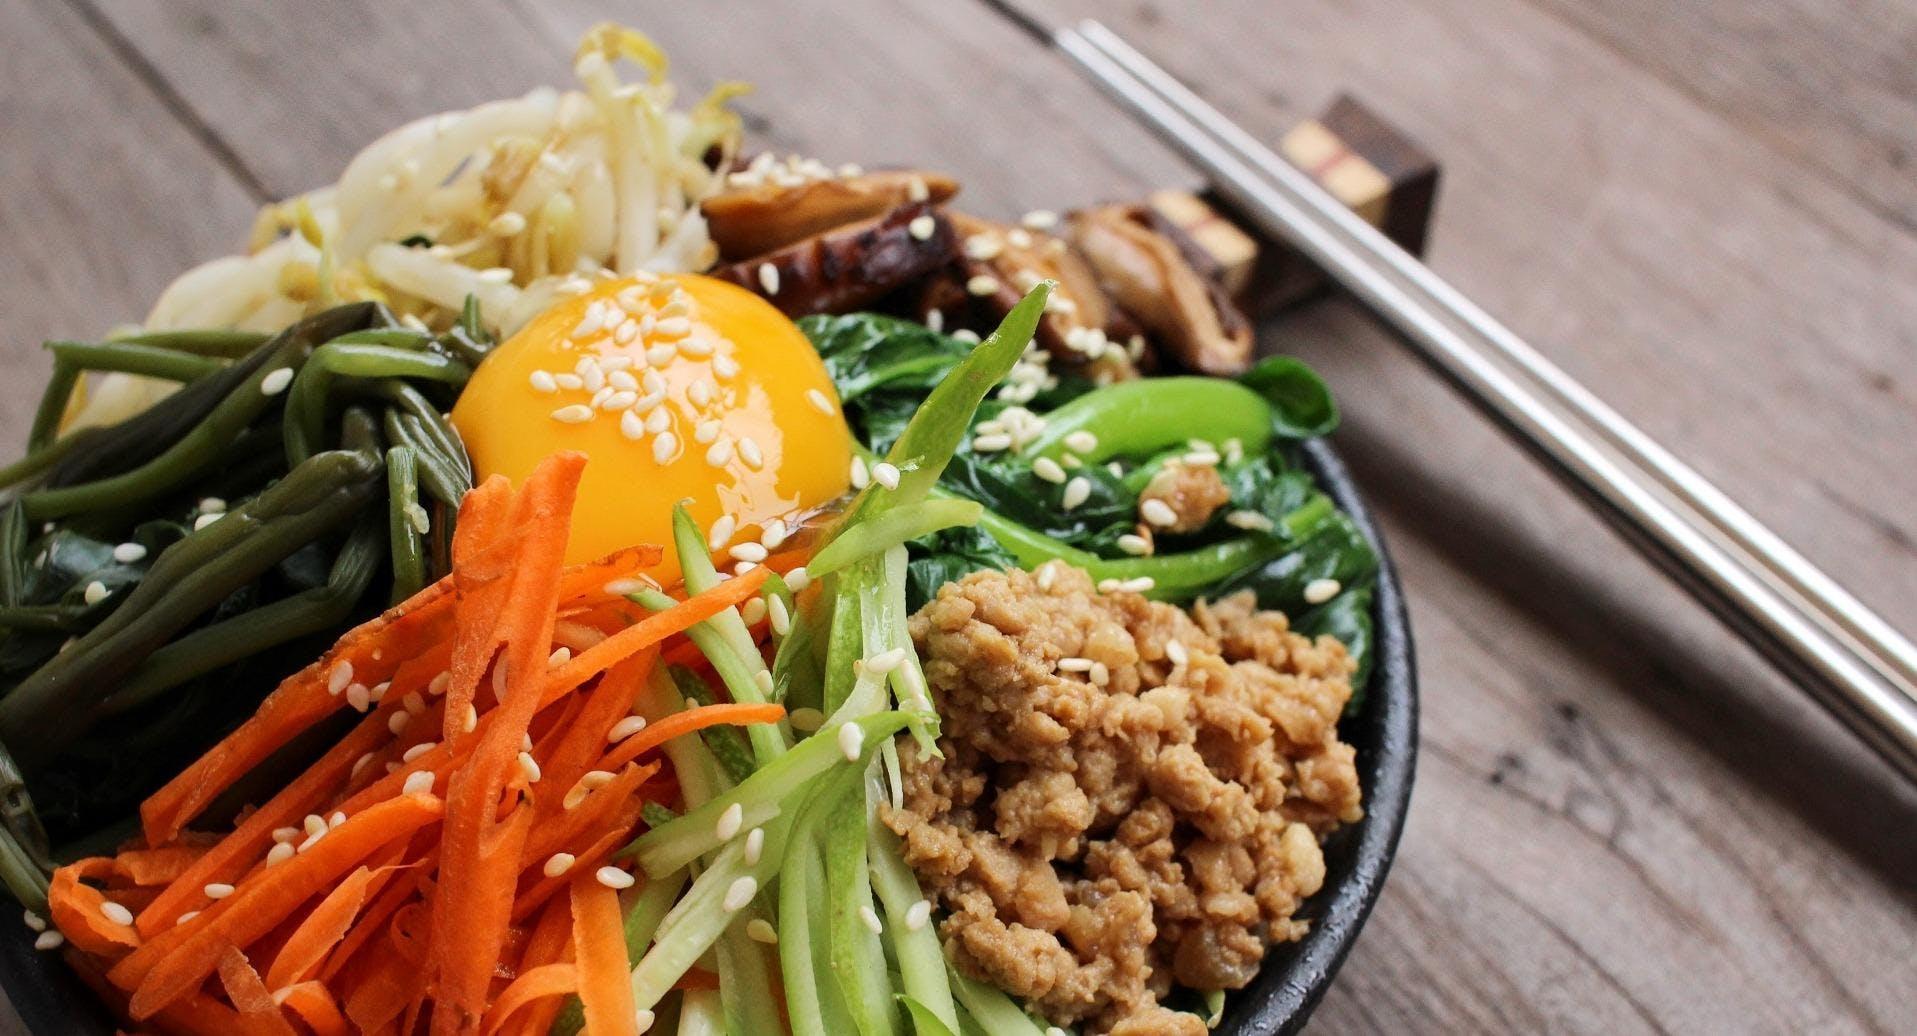 Yori - Korean Dining Vienna image 2